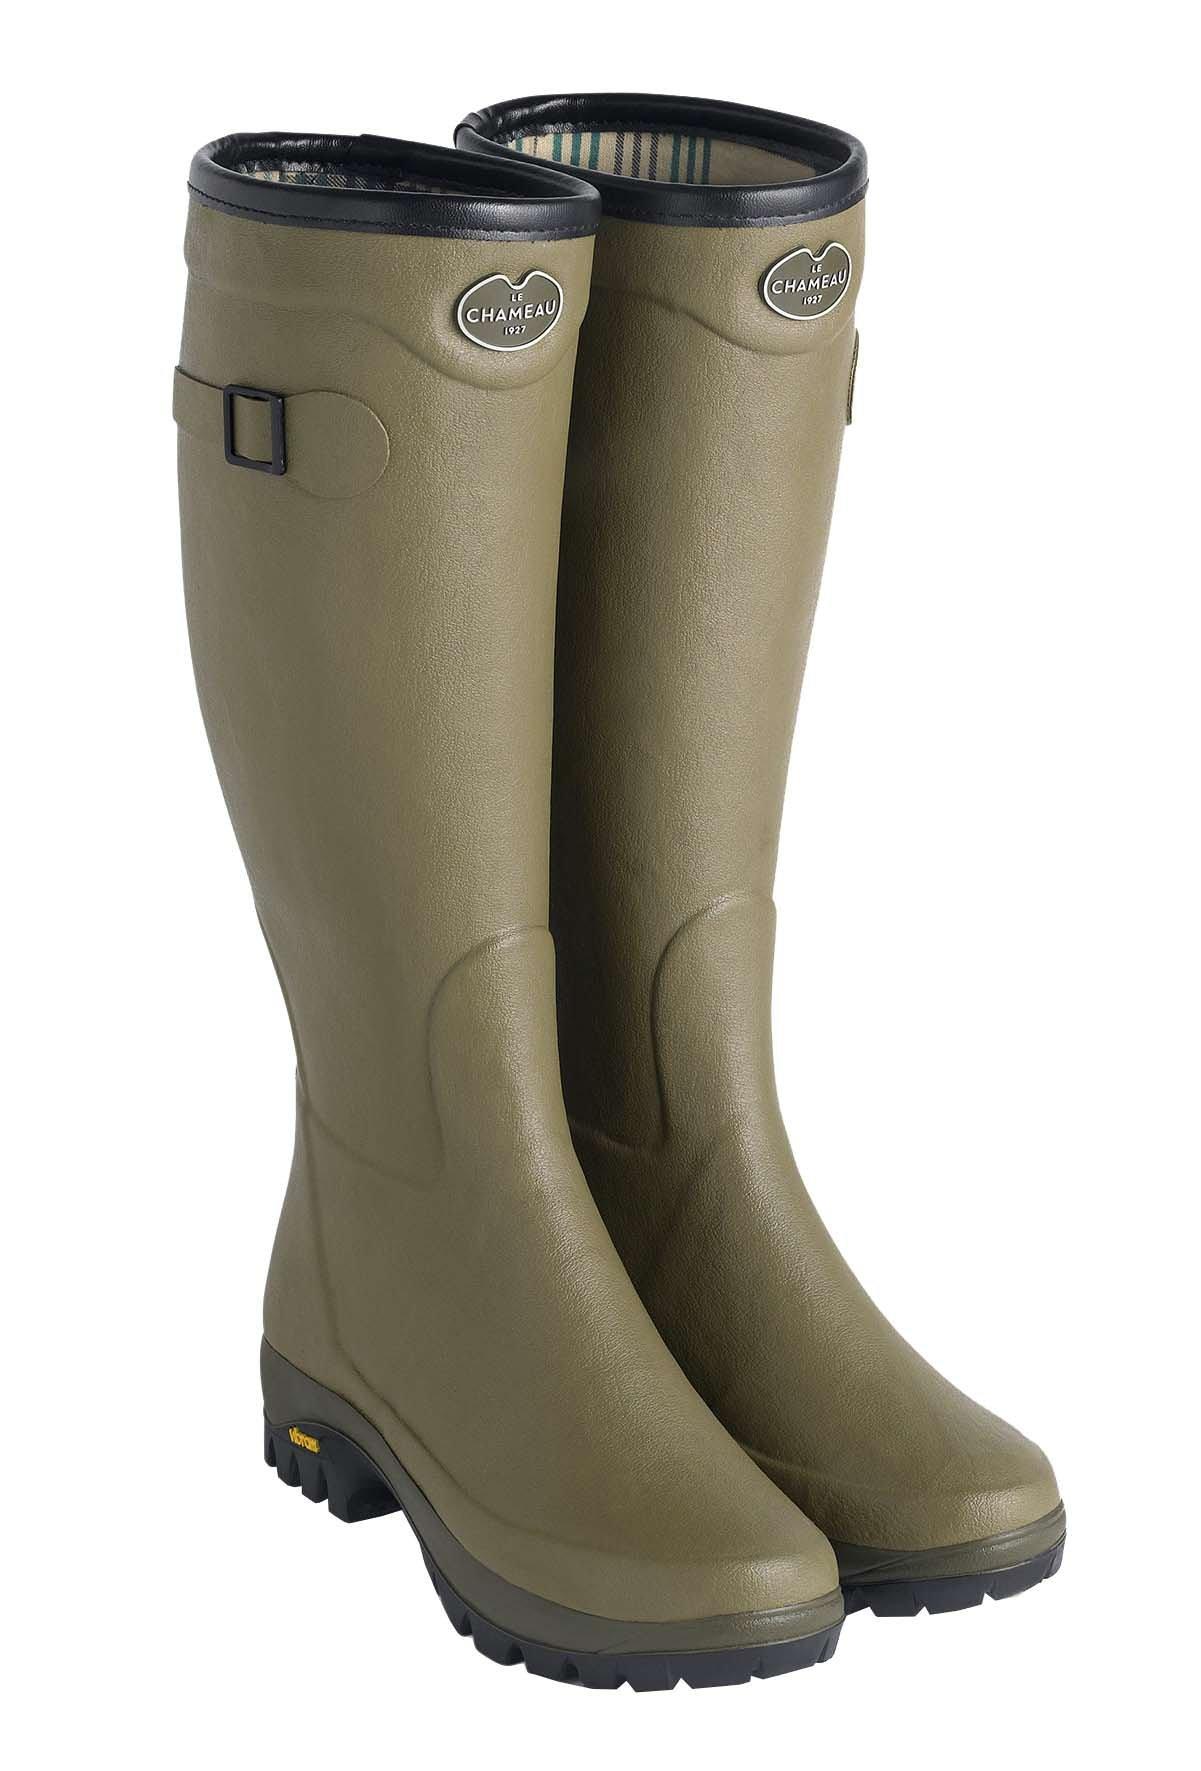 Le Chameau Men's Country Vibram Jersey Lined Boots Vert Vierzon Green - US 9 by LE CHAMEAU 1927